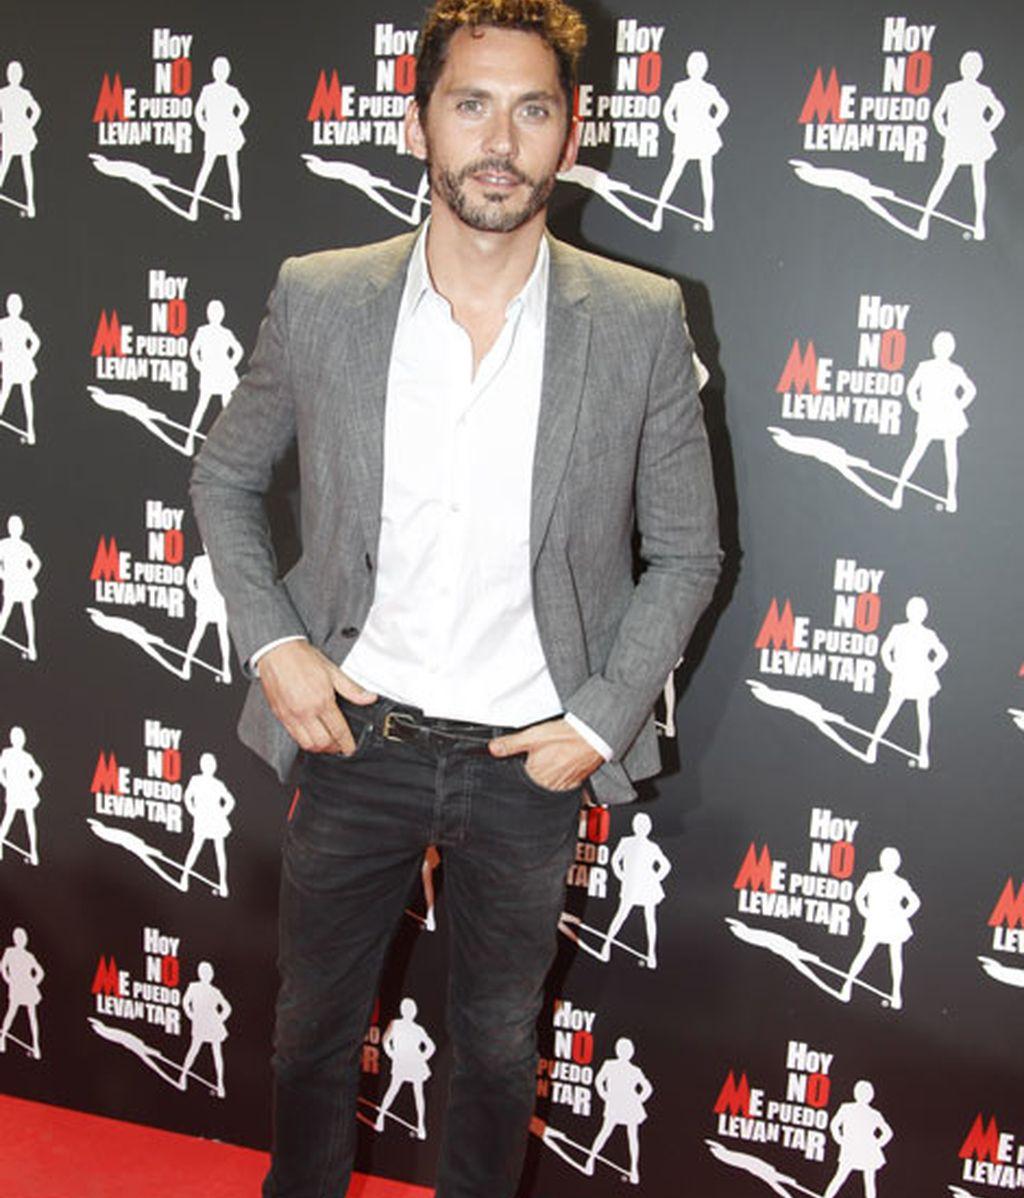 Paco León lució una americana gris y camisa blanca